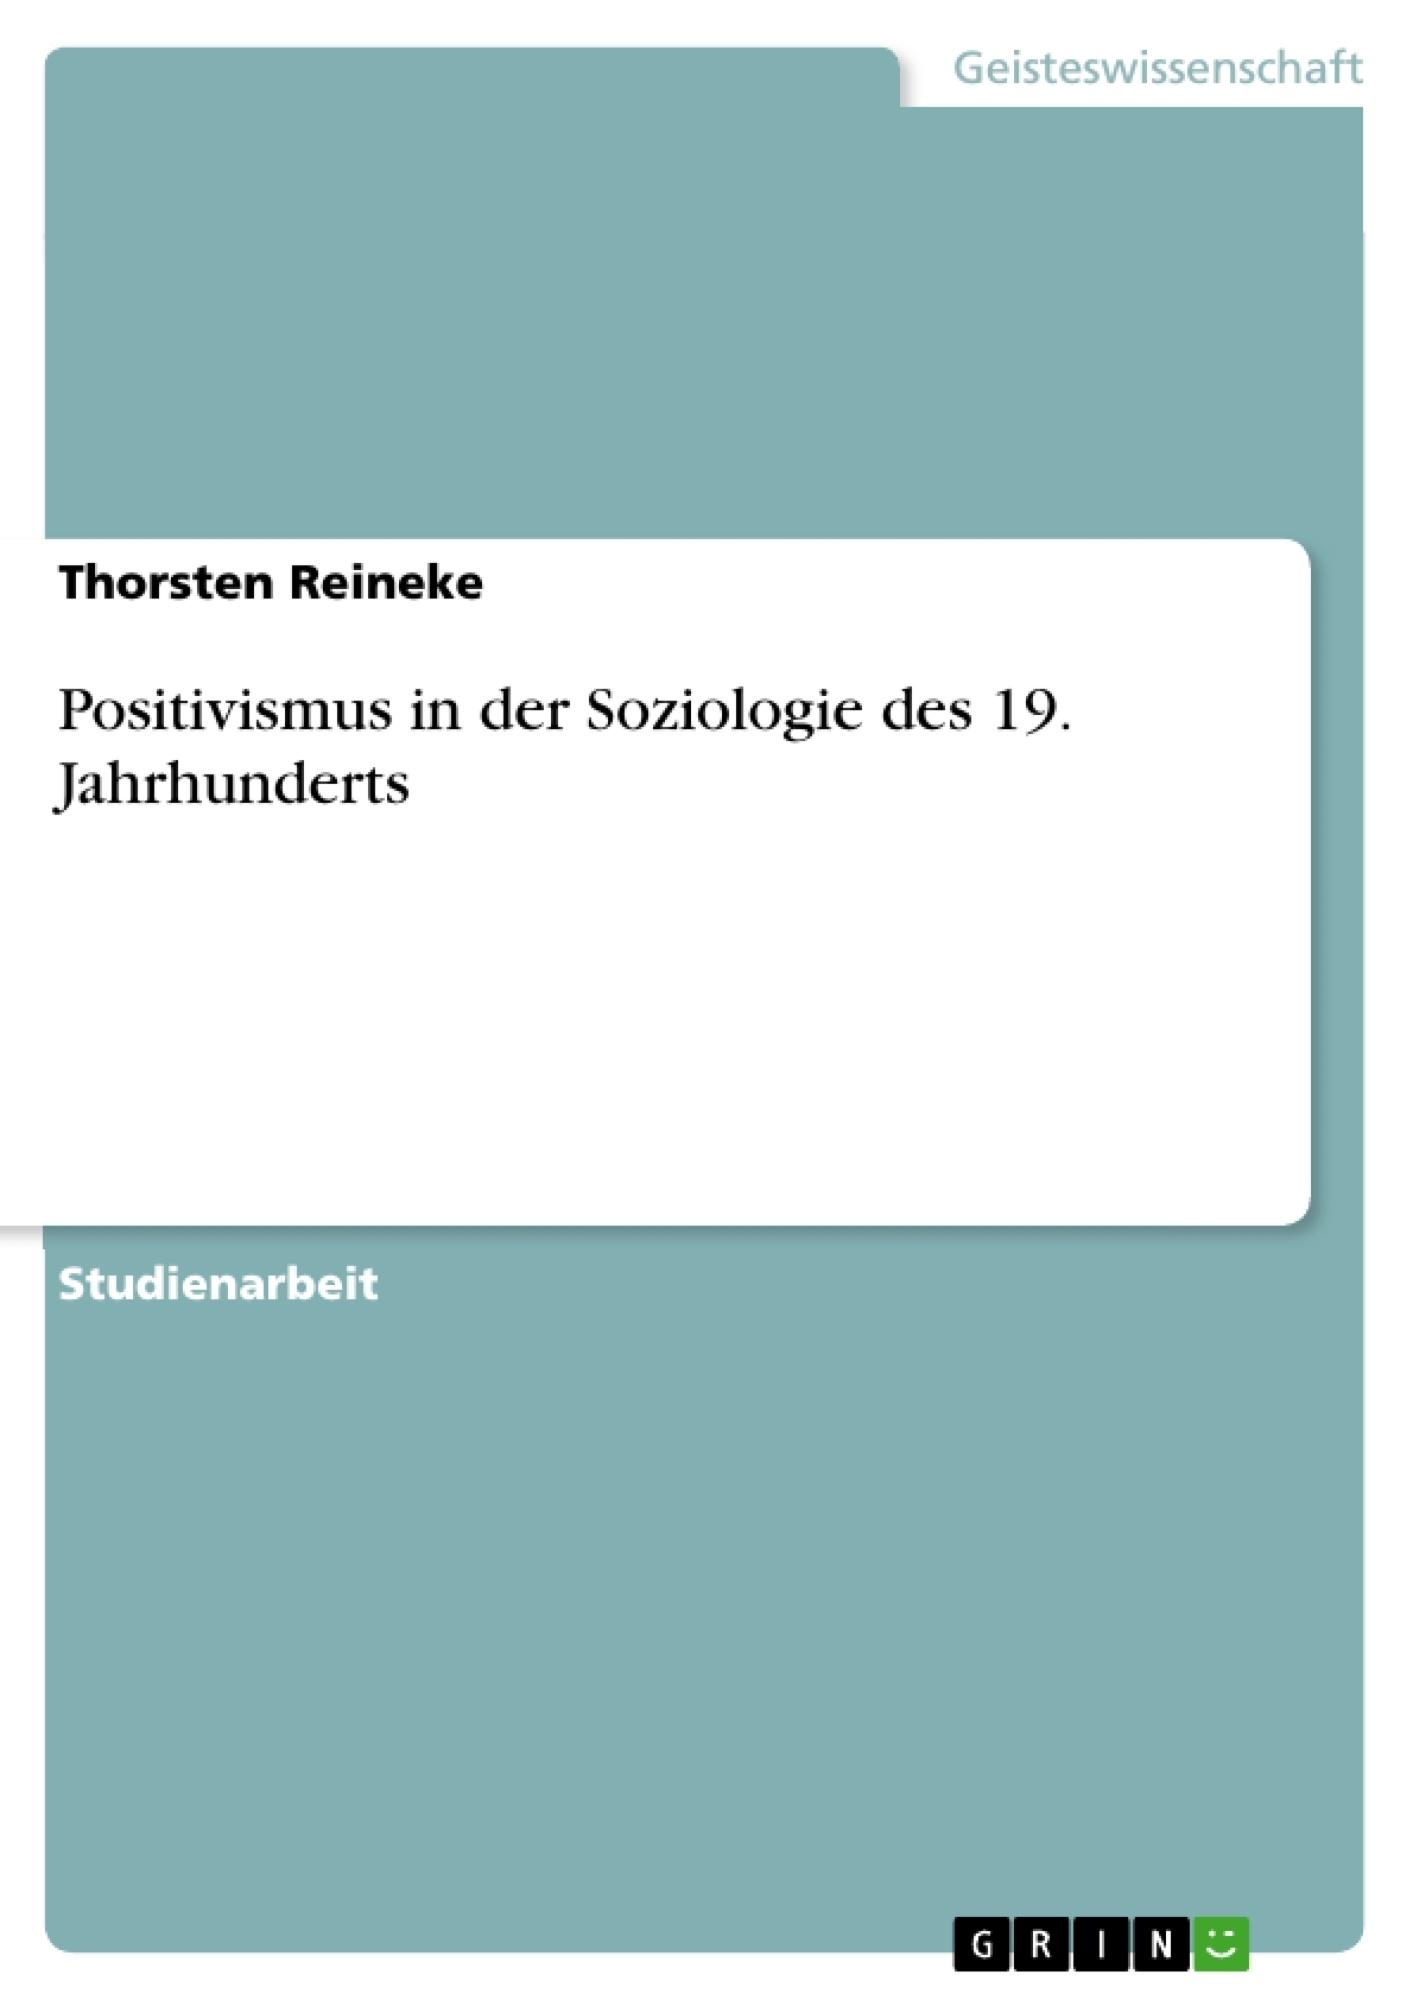 Titel: Positivismus in der Soziologie des 19. Jahrhunderts